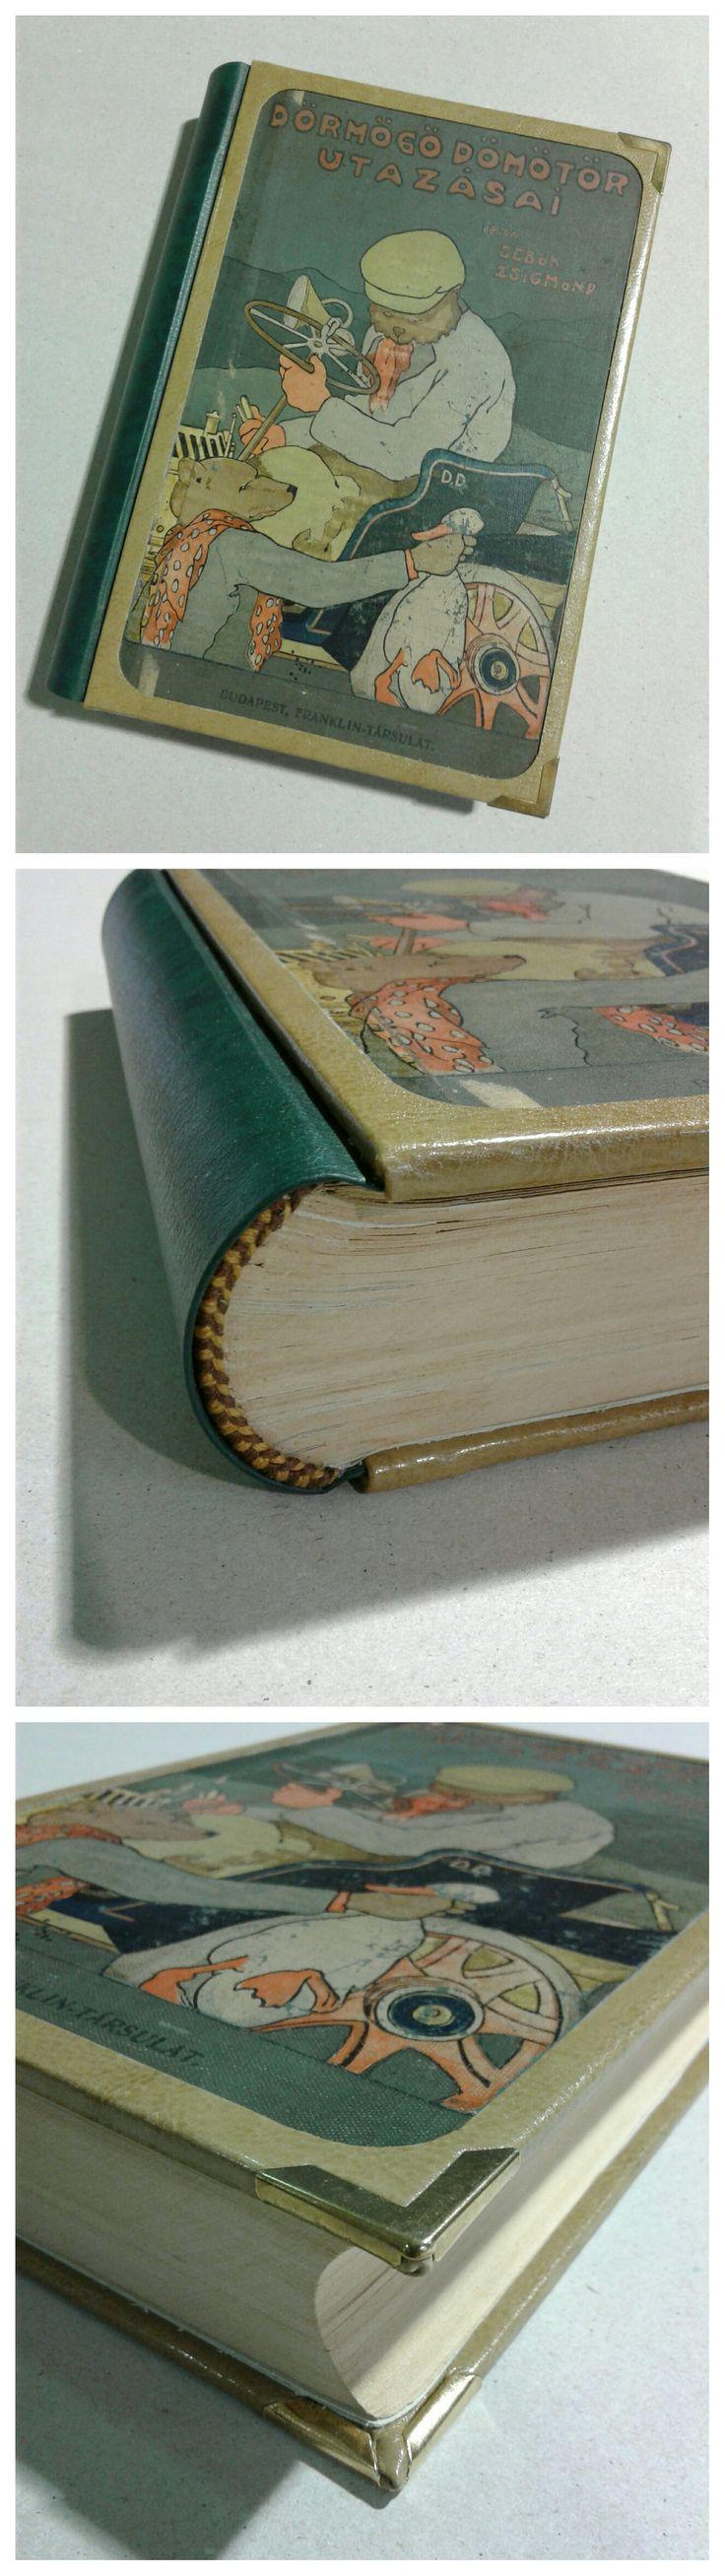 Egy kedves kolléganőm régi mesekönyve.